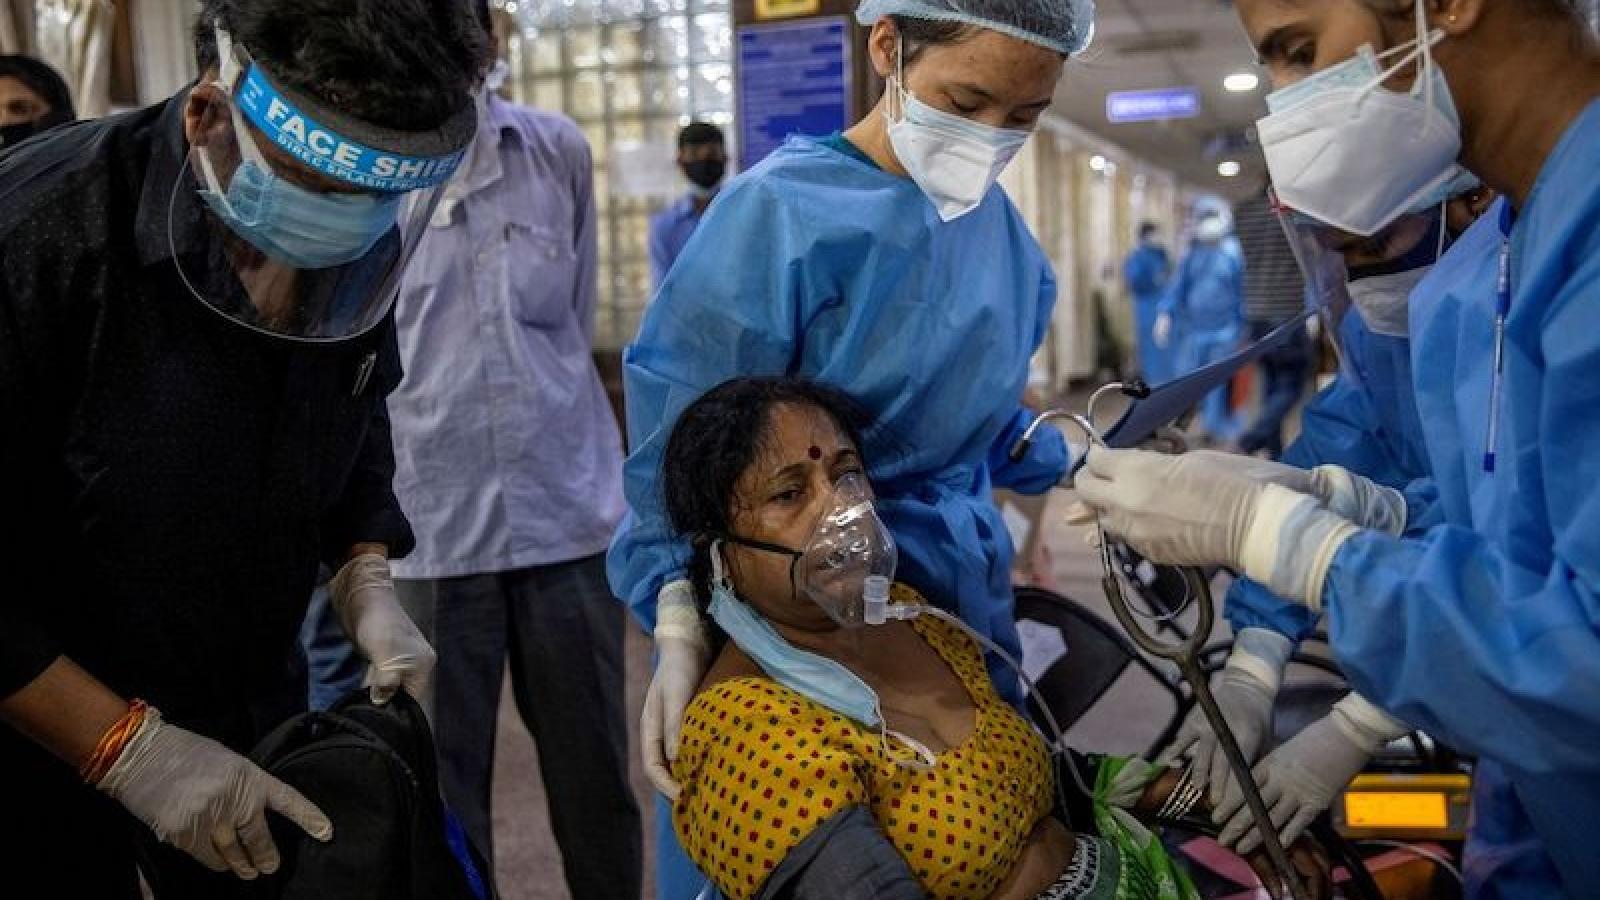 Nhiều người dân Ấn Độ nhiễm biến chủng B.1.617 dù đã tiêm vaccine Covid-19